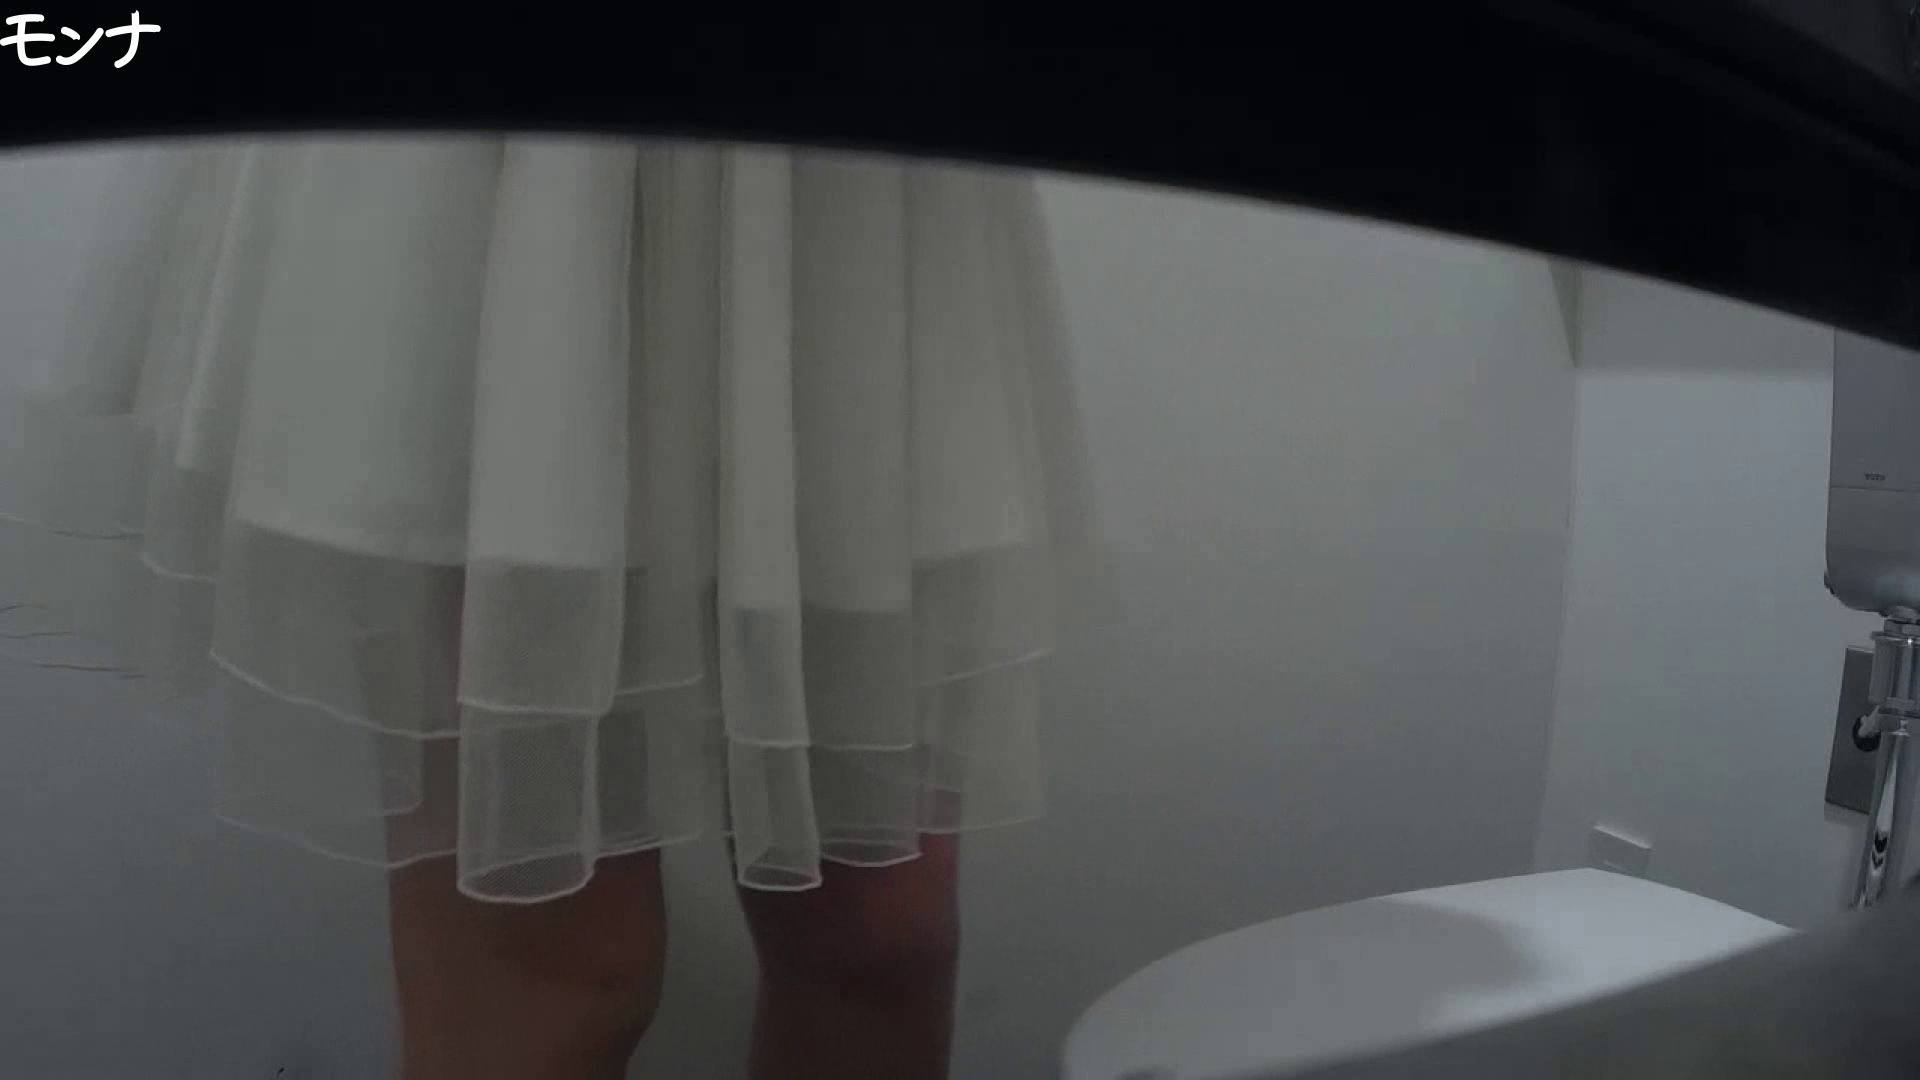 有名大学女性洗面所 vol.66 清楚系女子をがっつり!! 排泄 AV無料動画キャプチャ 94枚 44